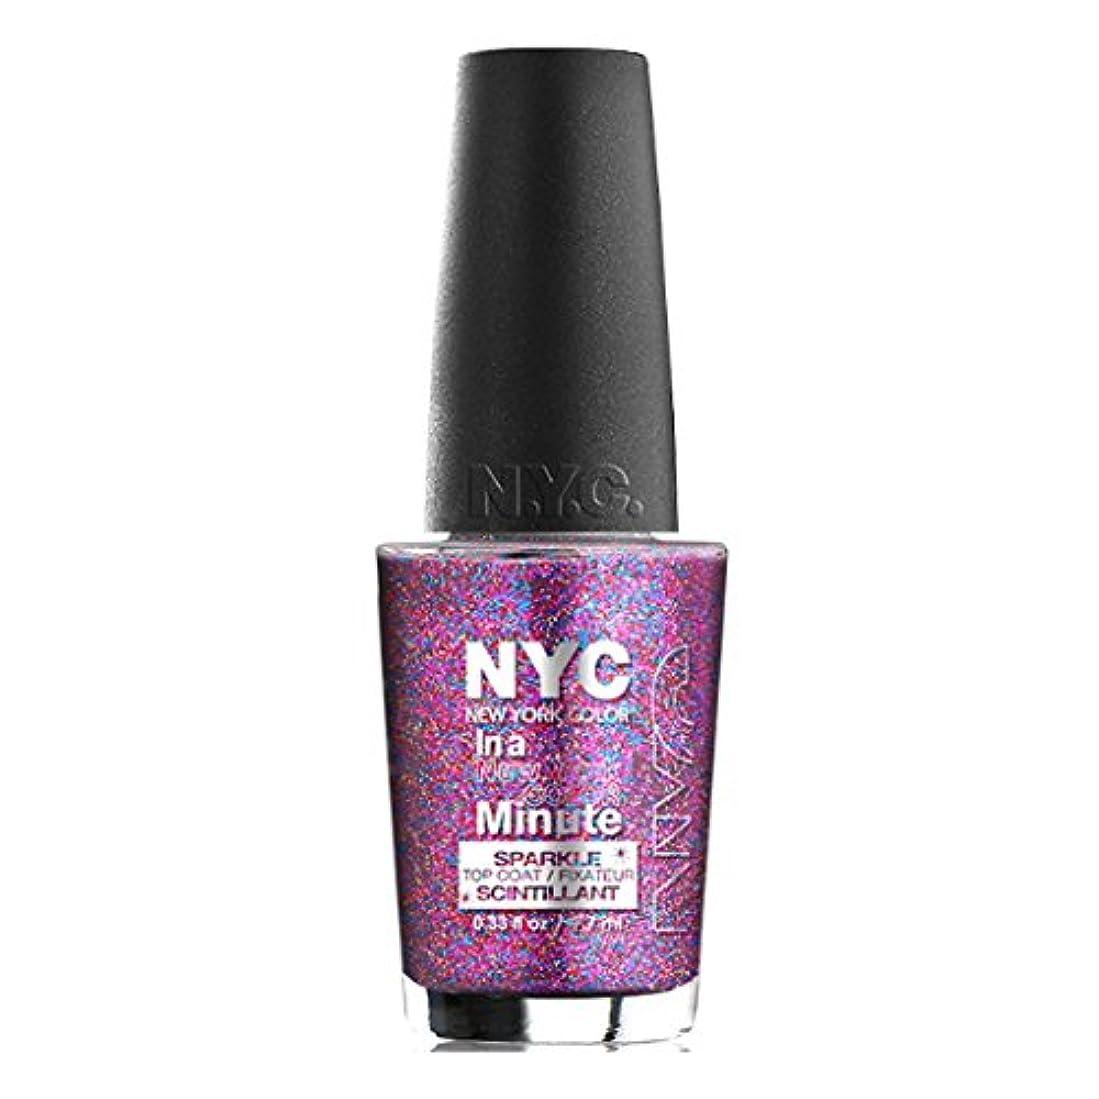 砦オーディション解決する(6 Pack) NYC In A New York Color Minute Sparkle Top Coat - Big City Dazzle (並行輸入品)